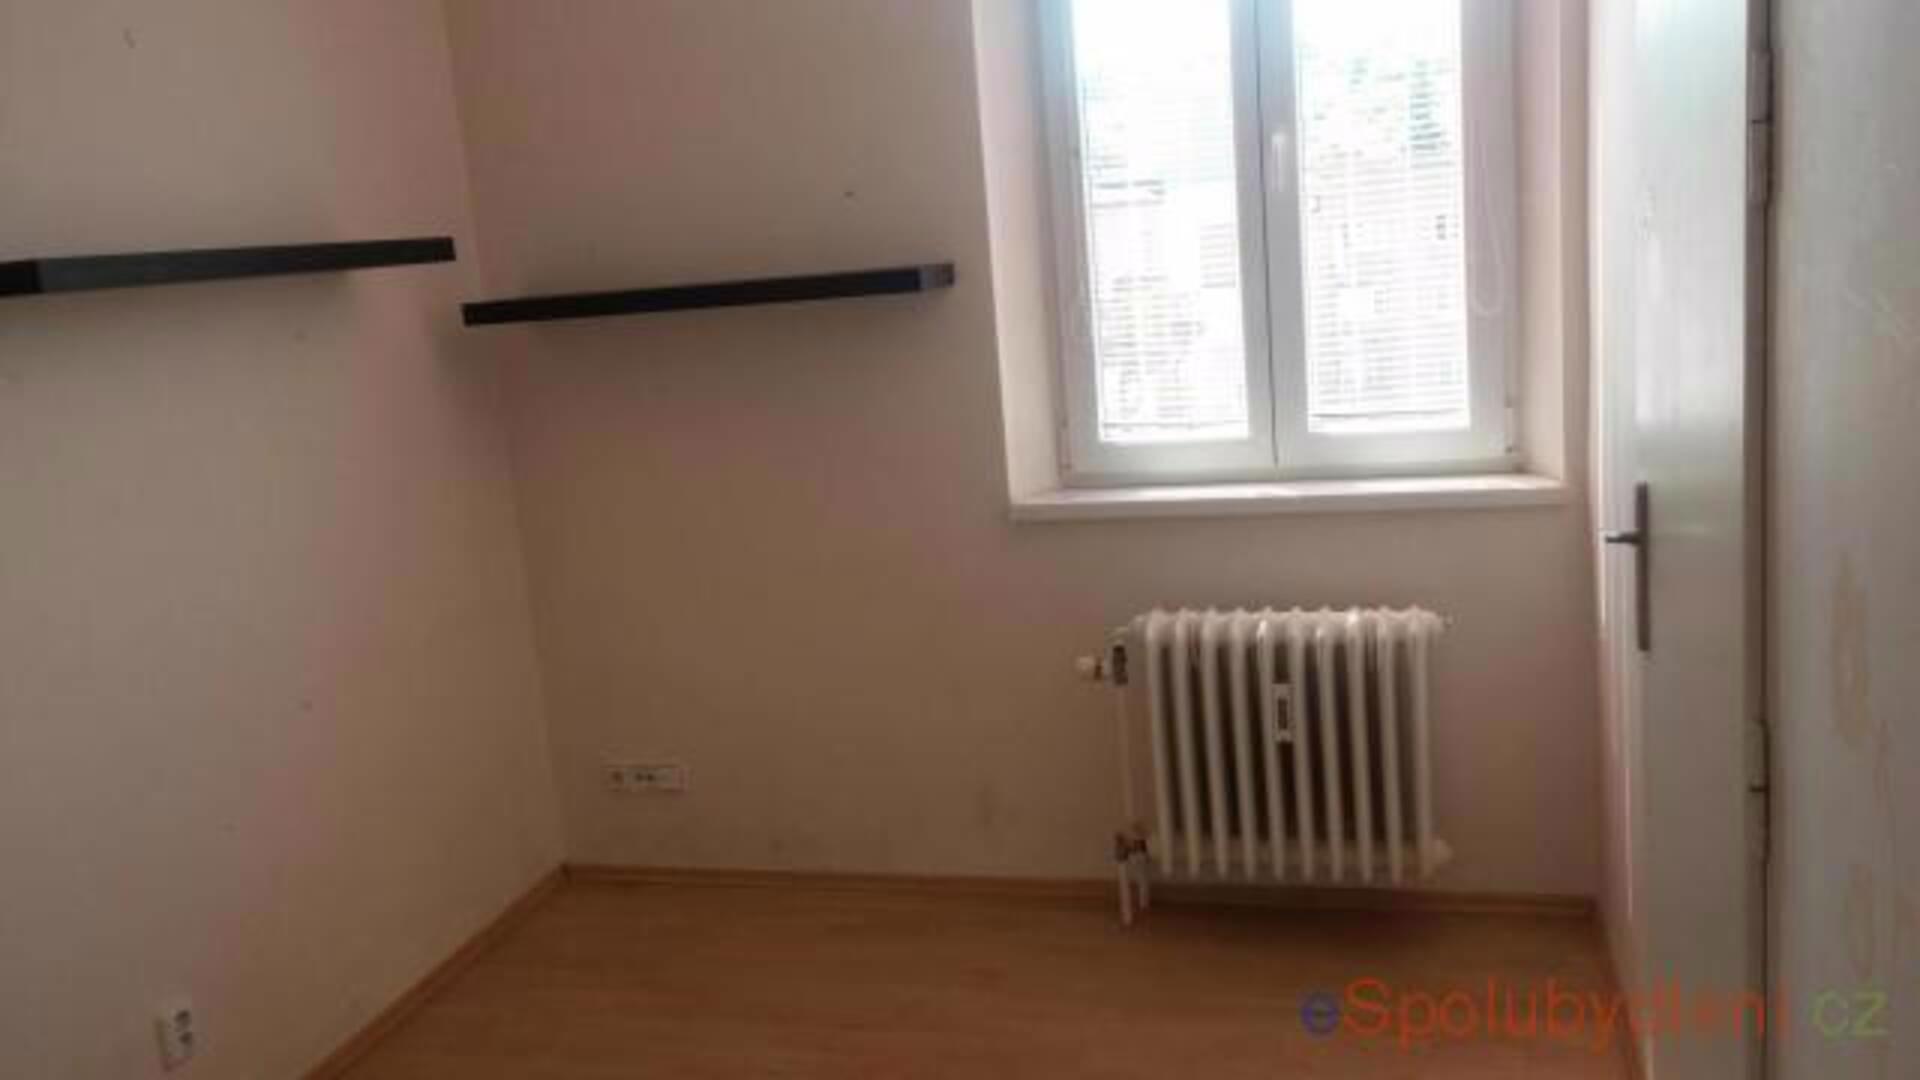 Nabízím spolubydlení - foto 1